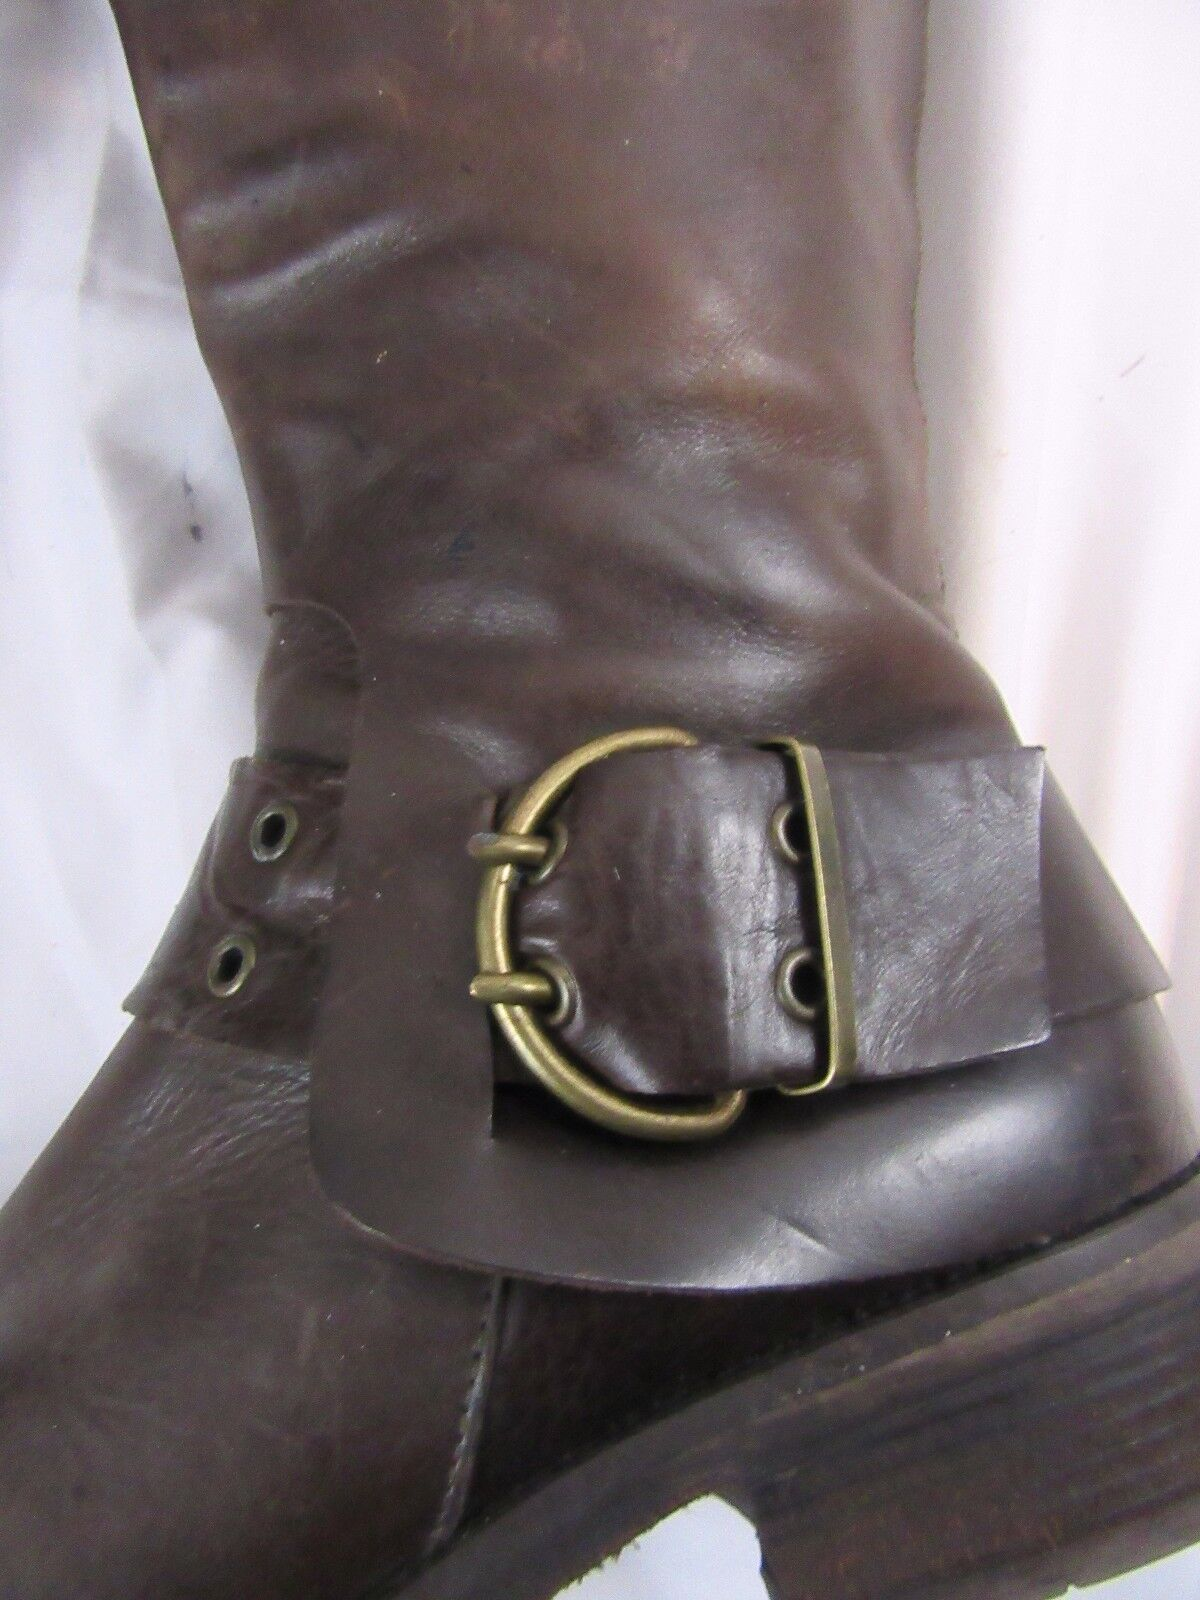 Damenschuhe Damenschuhe Damenschuhe Cordani Calf high Braun Leder Stiefel, buckle, side zip, Größe 8 B  c4bc1f